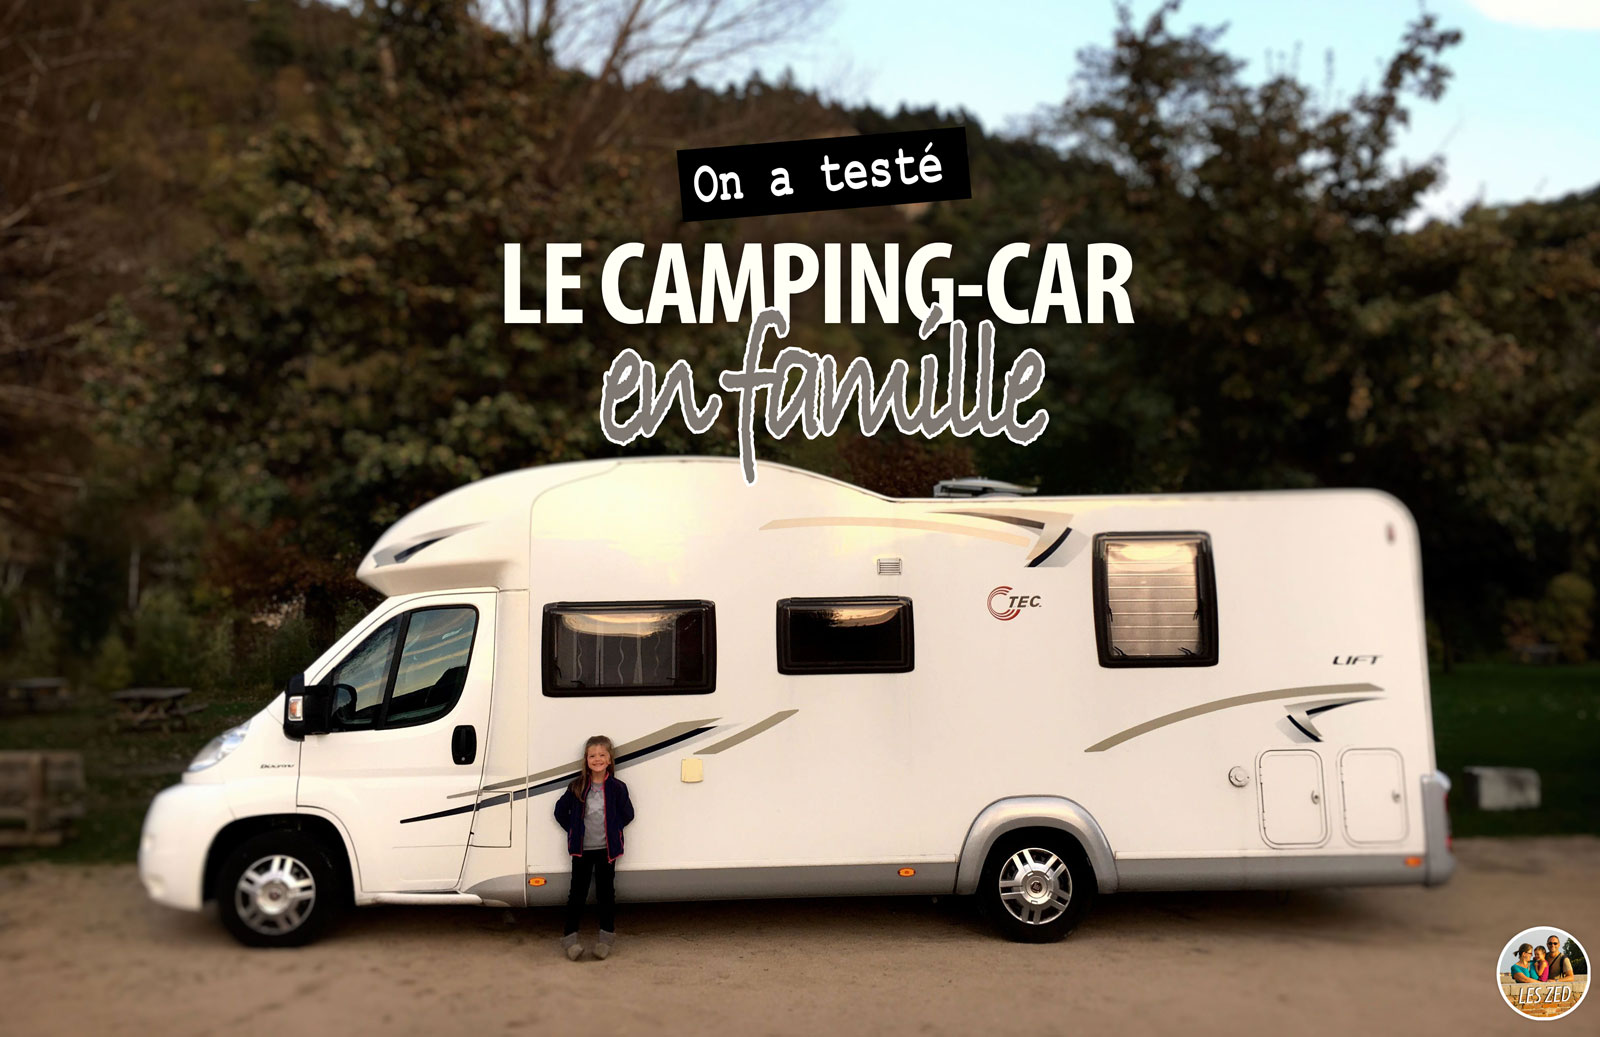 La location de Camping-car en famille